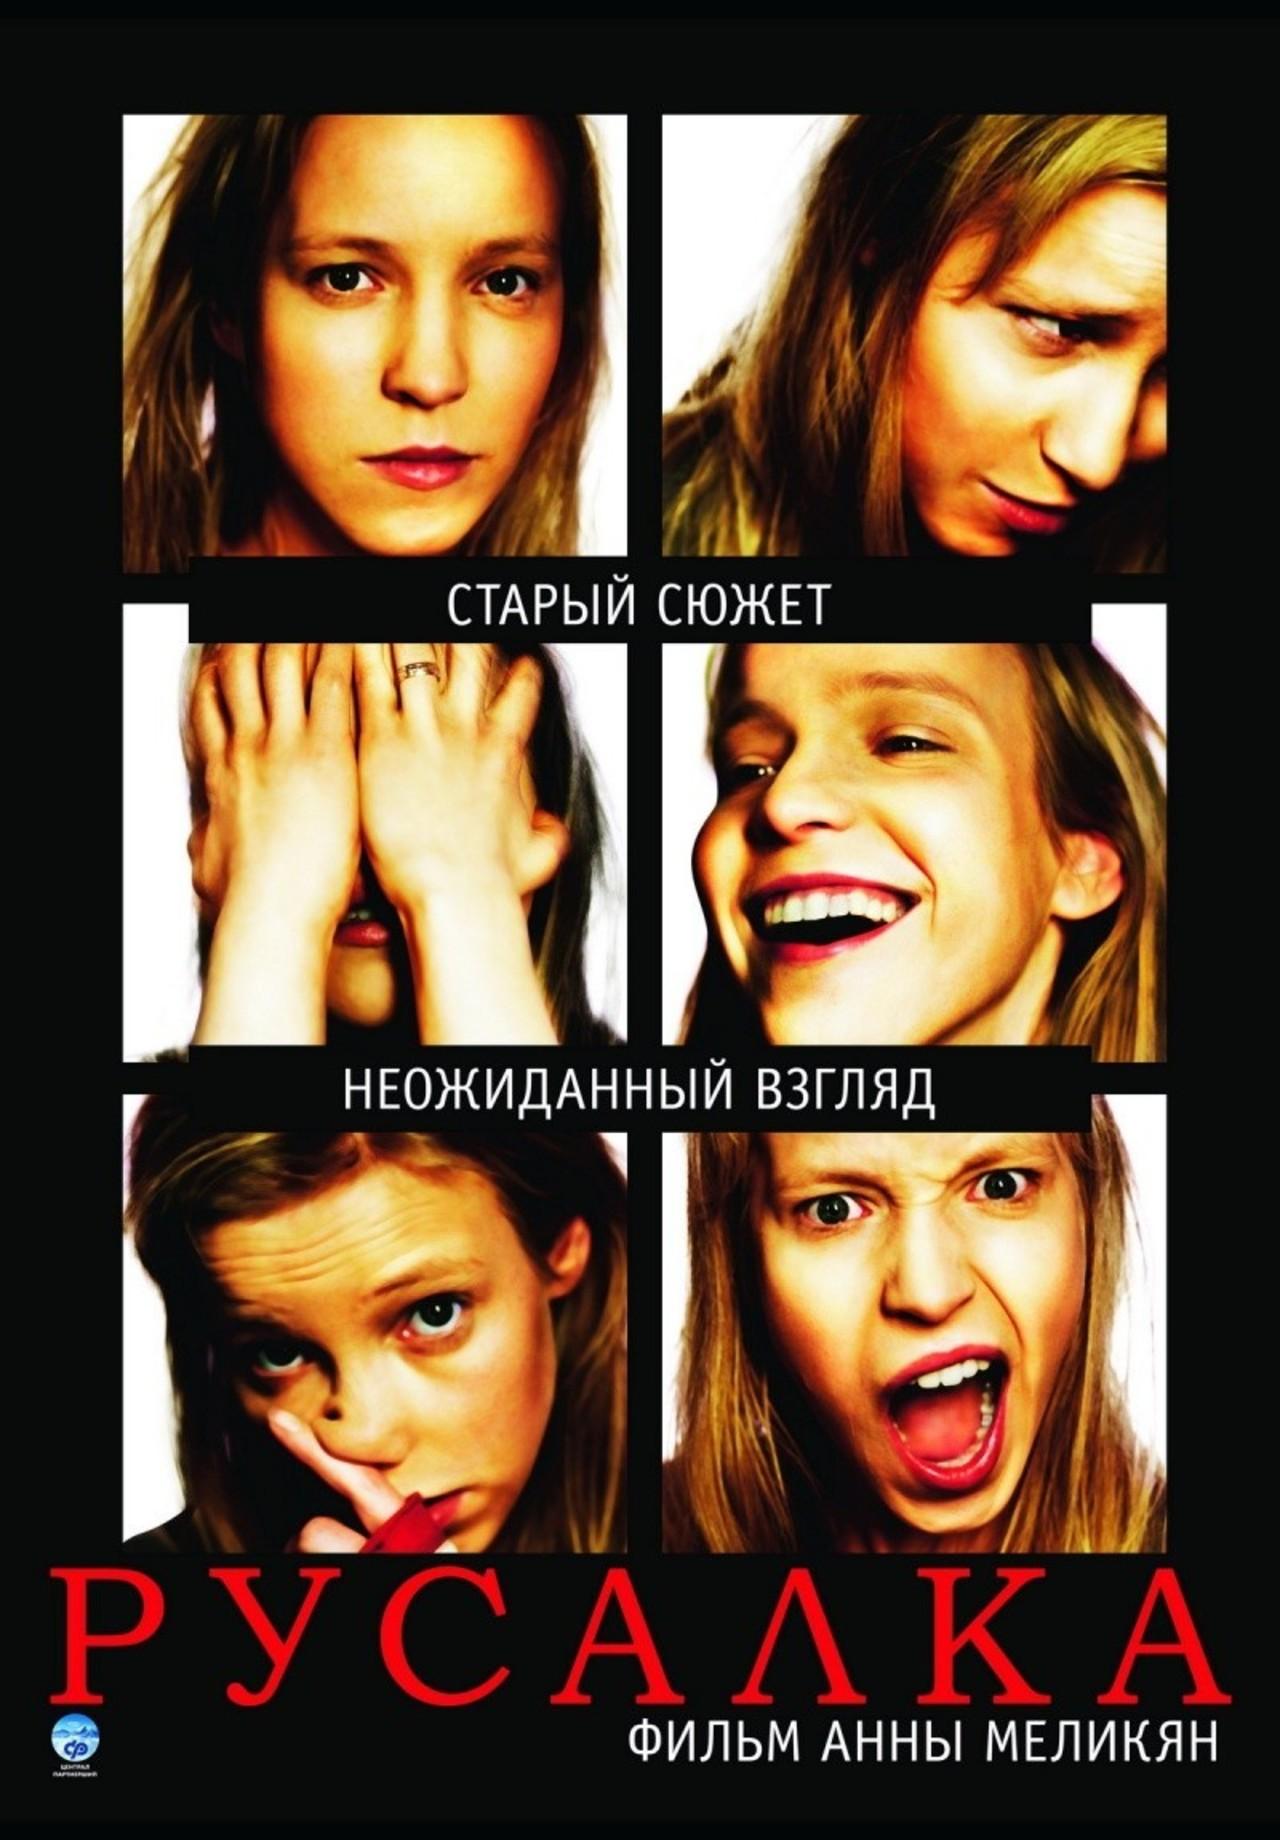 image Rusalka Watch Full Movie Free Online